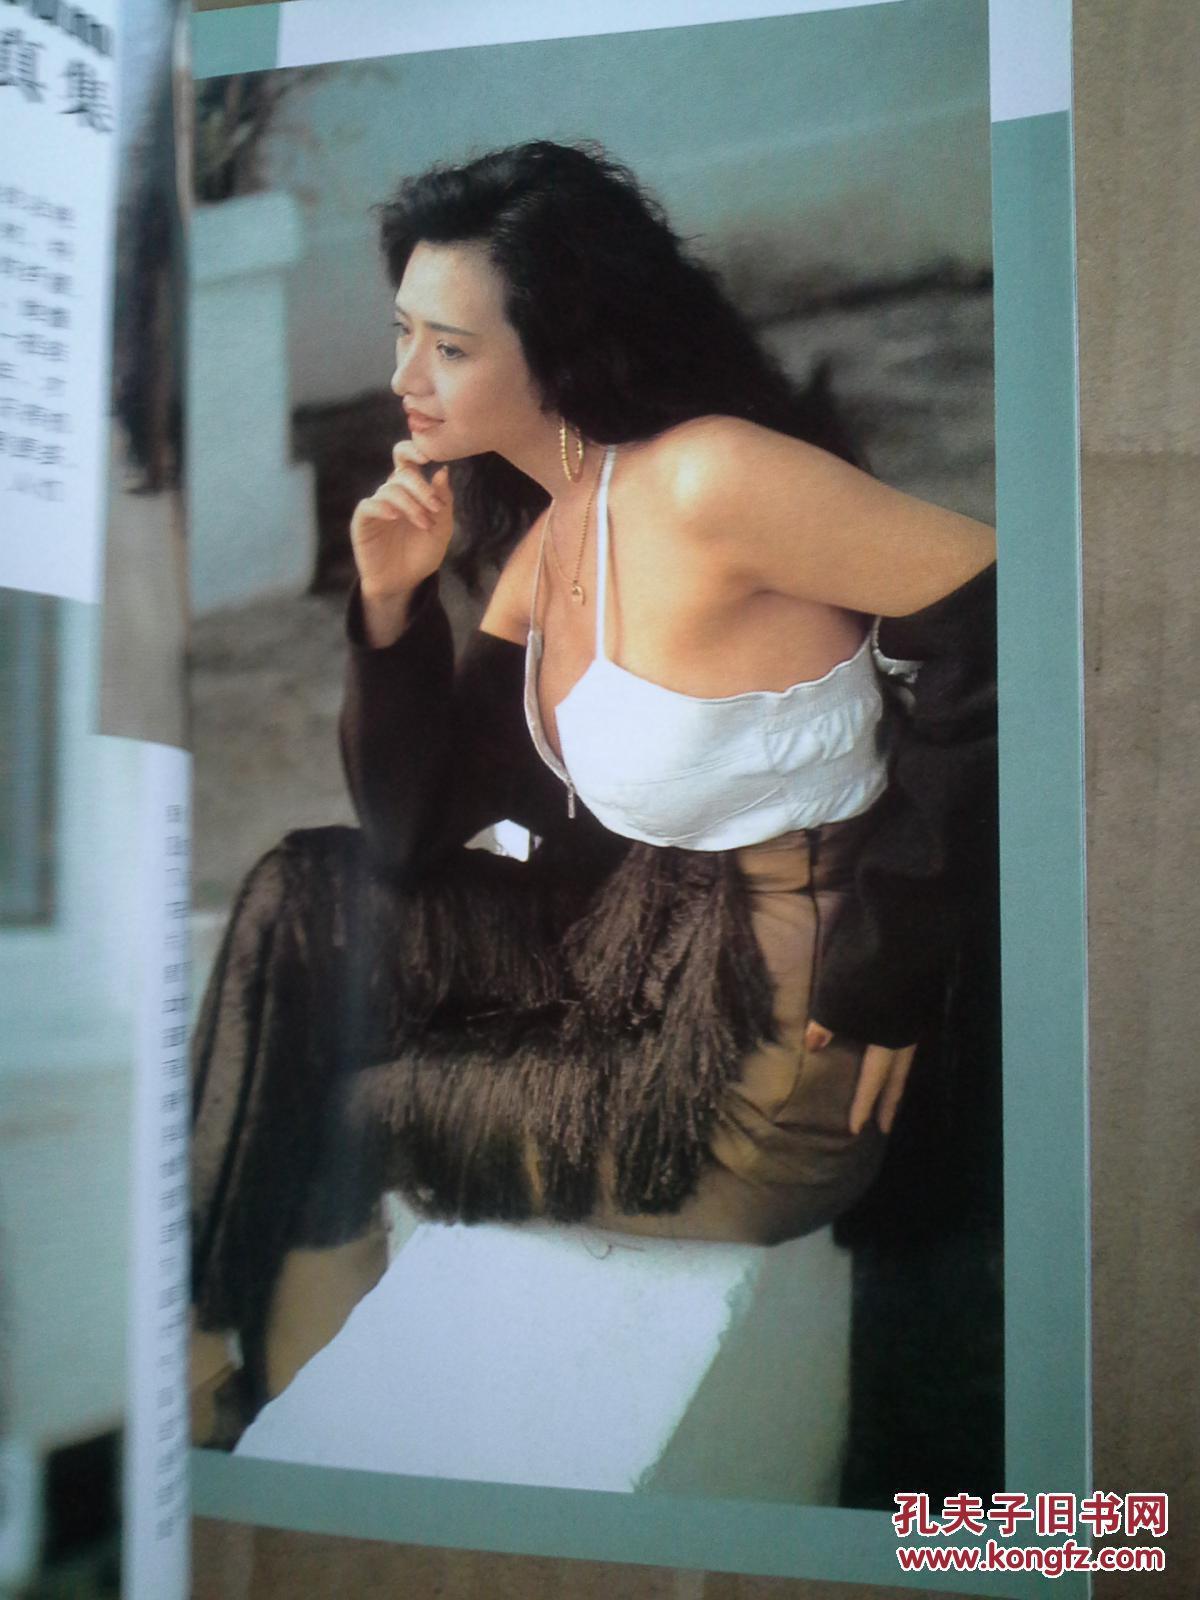 影视明星 摄影《叶子楣 李丽珍 郑文雅写真集》,图片尺寸:1024×768